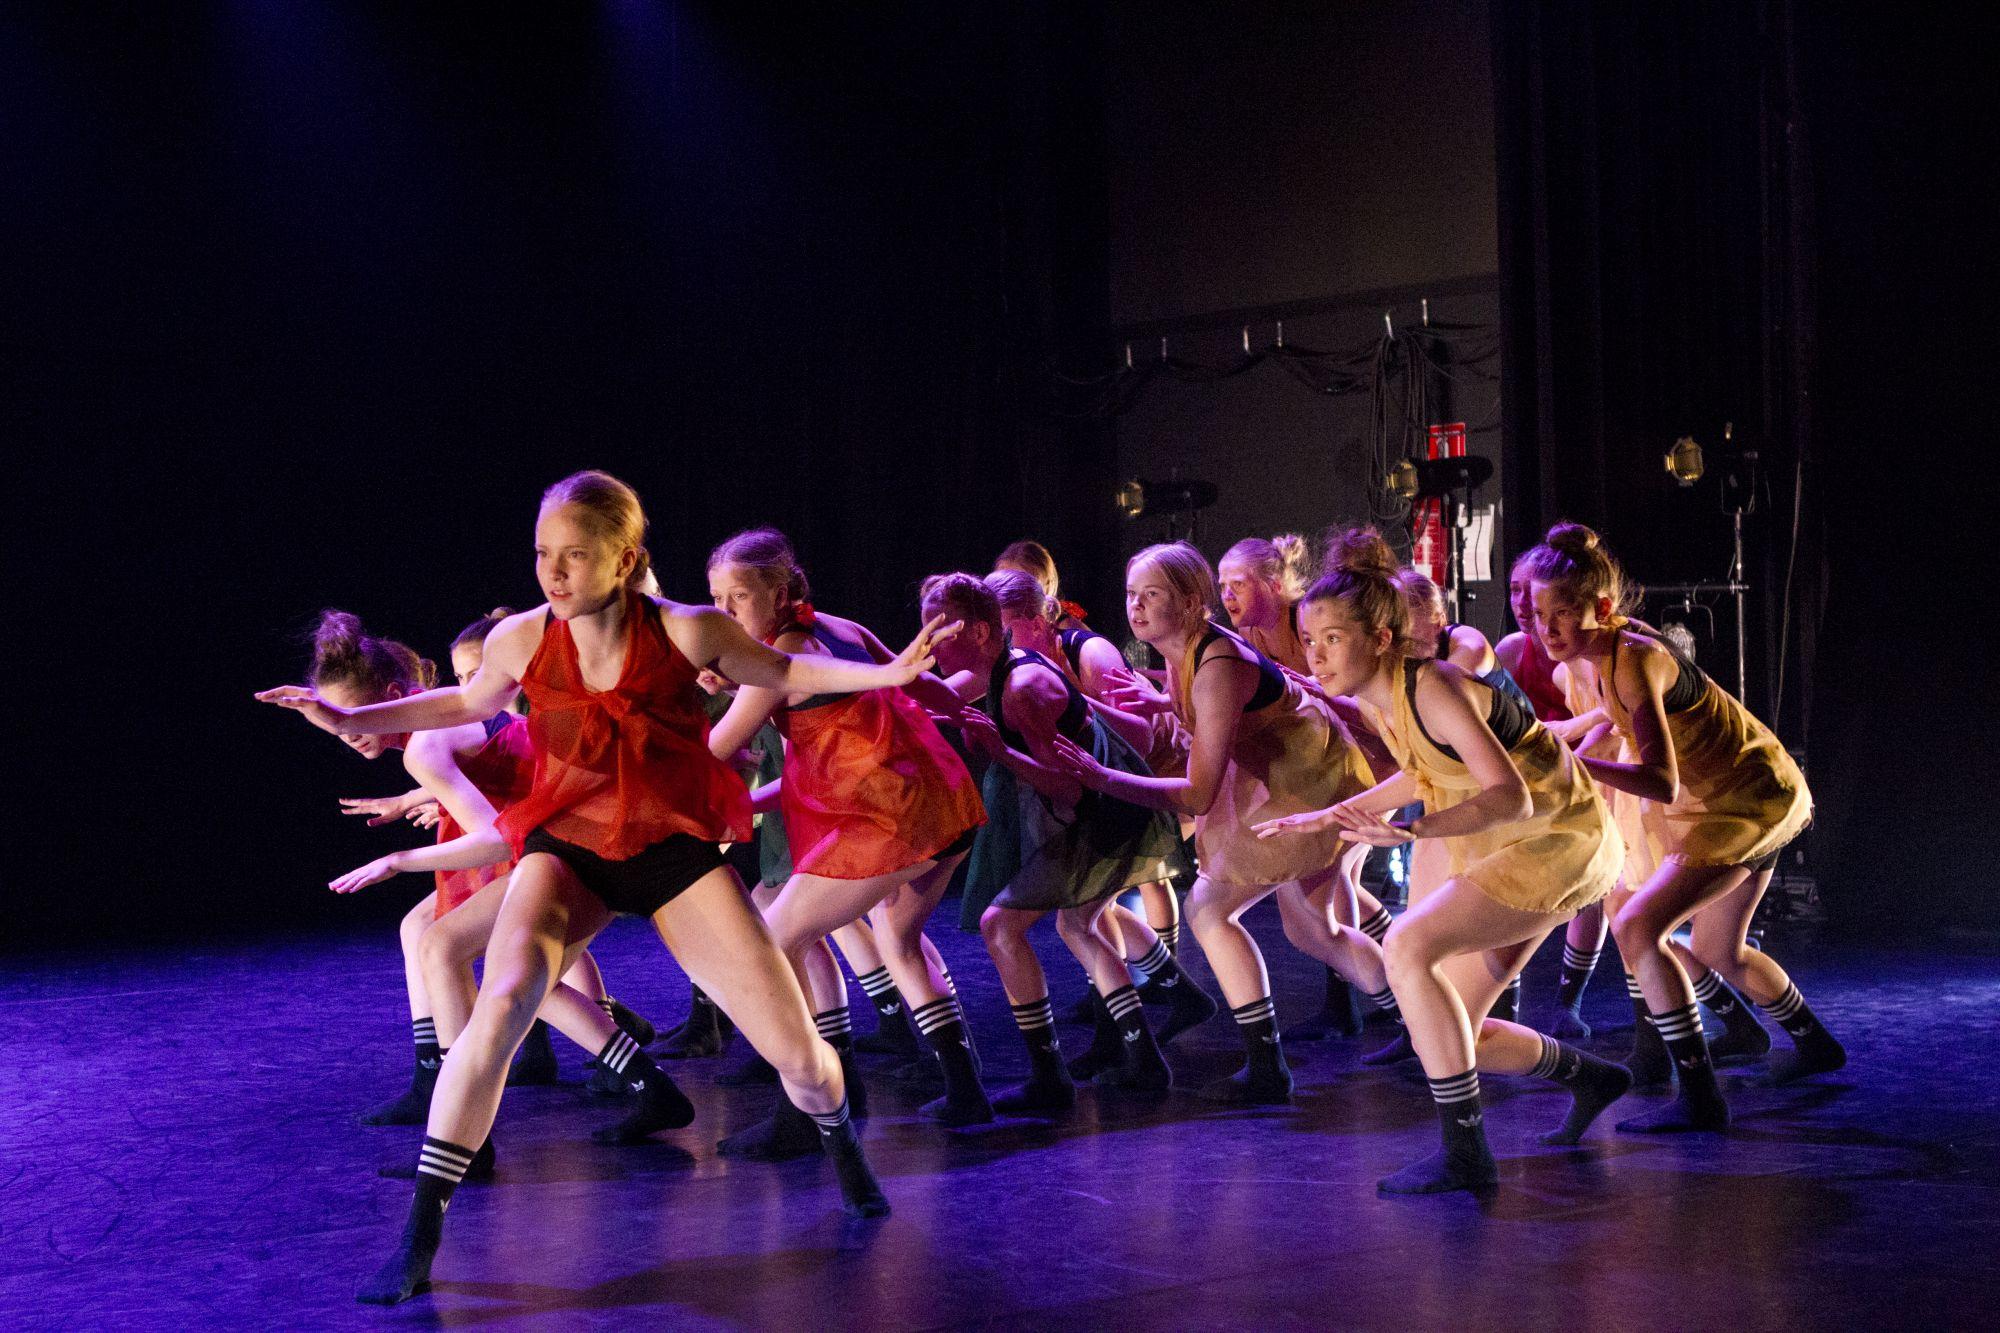 Tanssioppilaitokset On Stage 2019, Tanssikoulu DCA, Laumaeläin